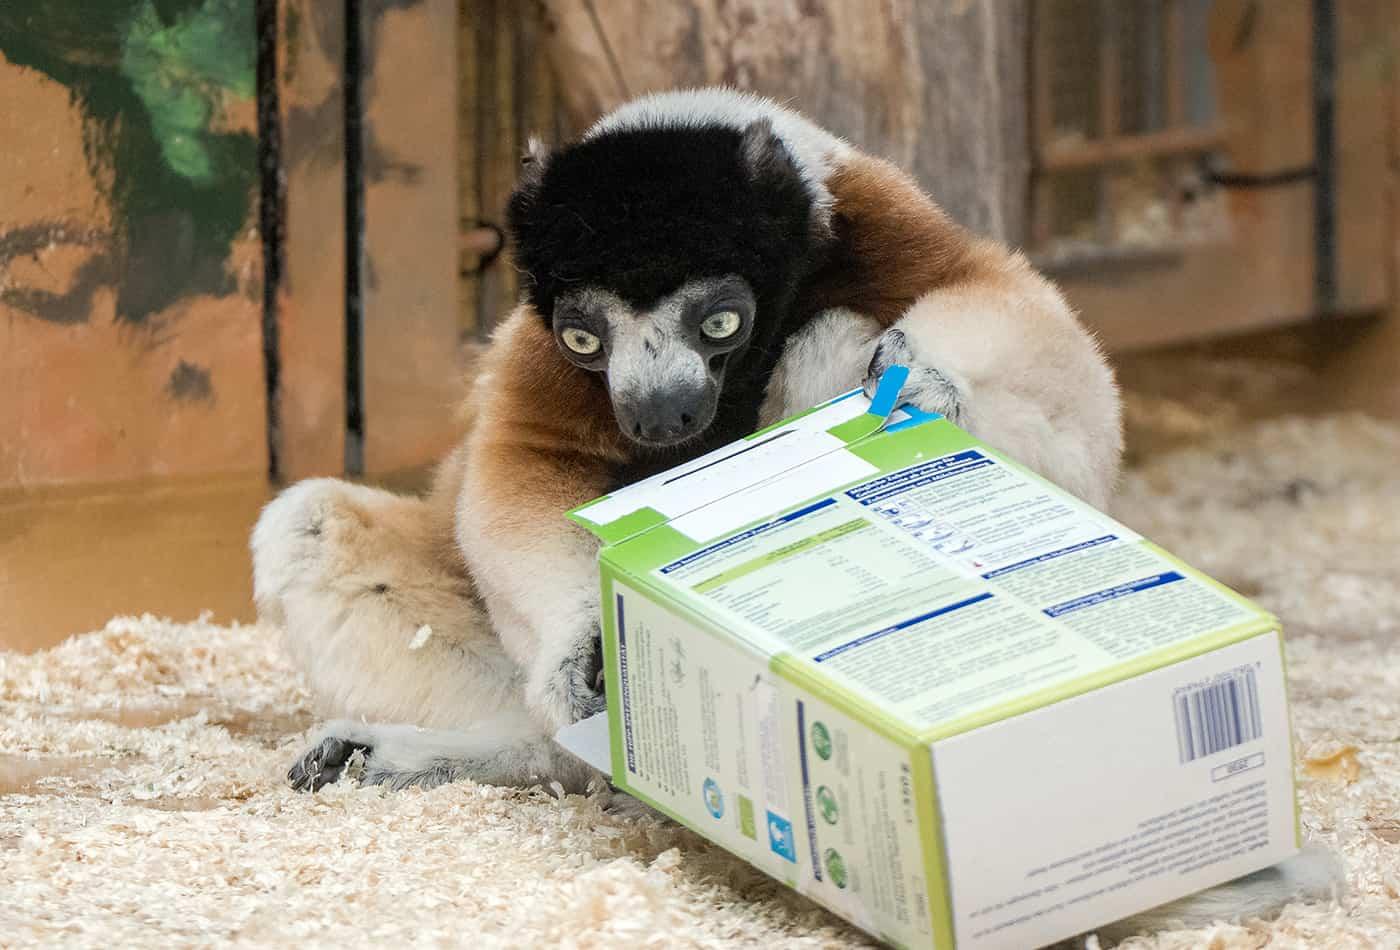 Ob sich die Tiere im Zoo Heidelberg auch in diesem Jahr über Geschenke freuen dürfen? Kronensifaka Daholo ist bereits auf der Suche nach kleinen Leckereien. (Foto: Susi Fischer/Zoo Heidelberg)